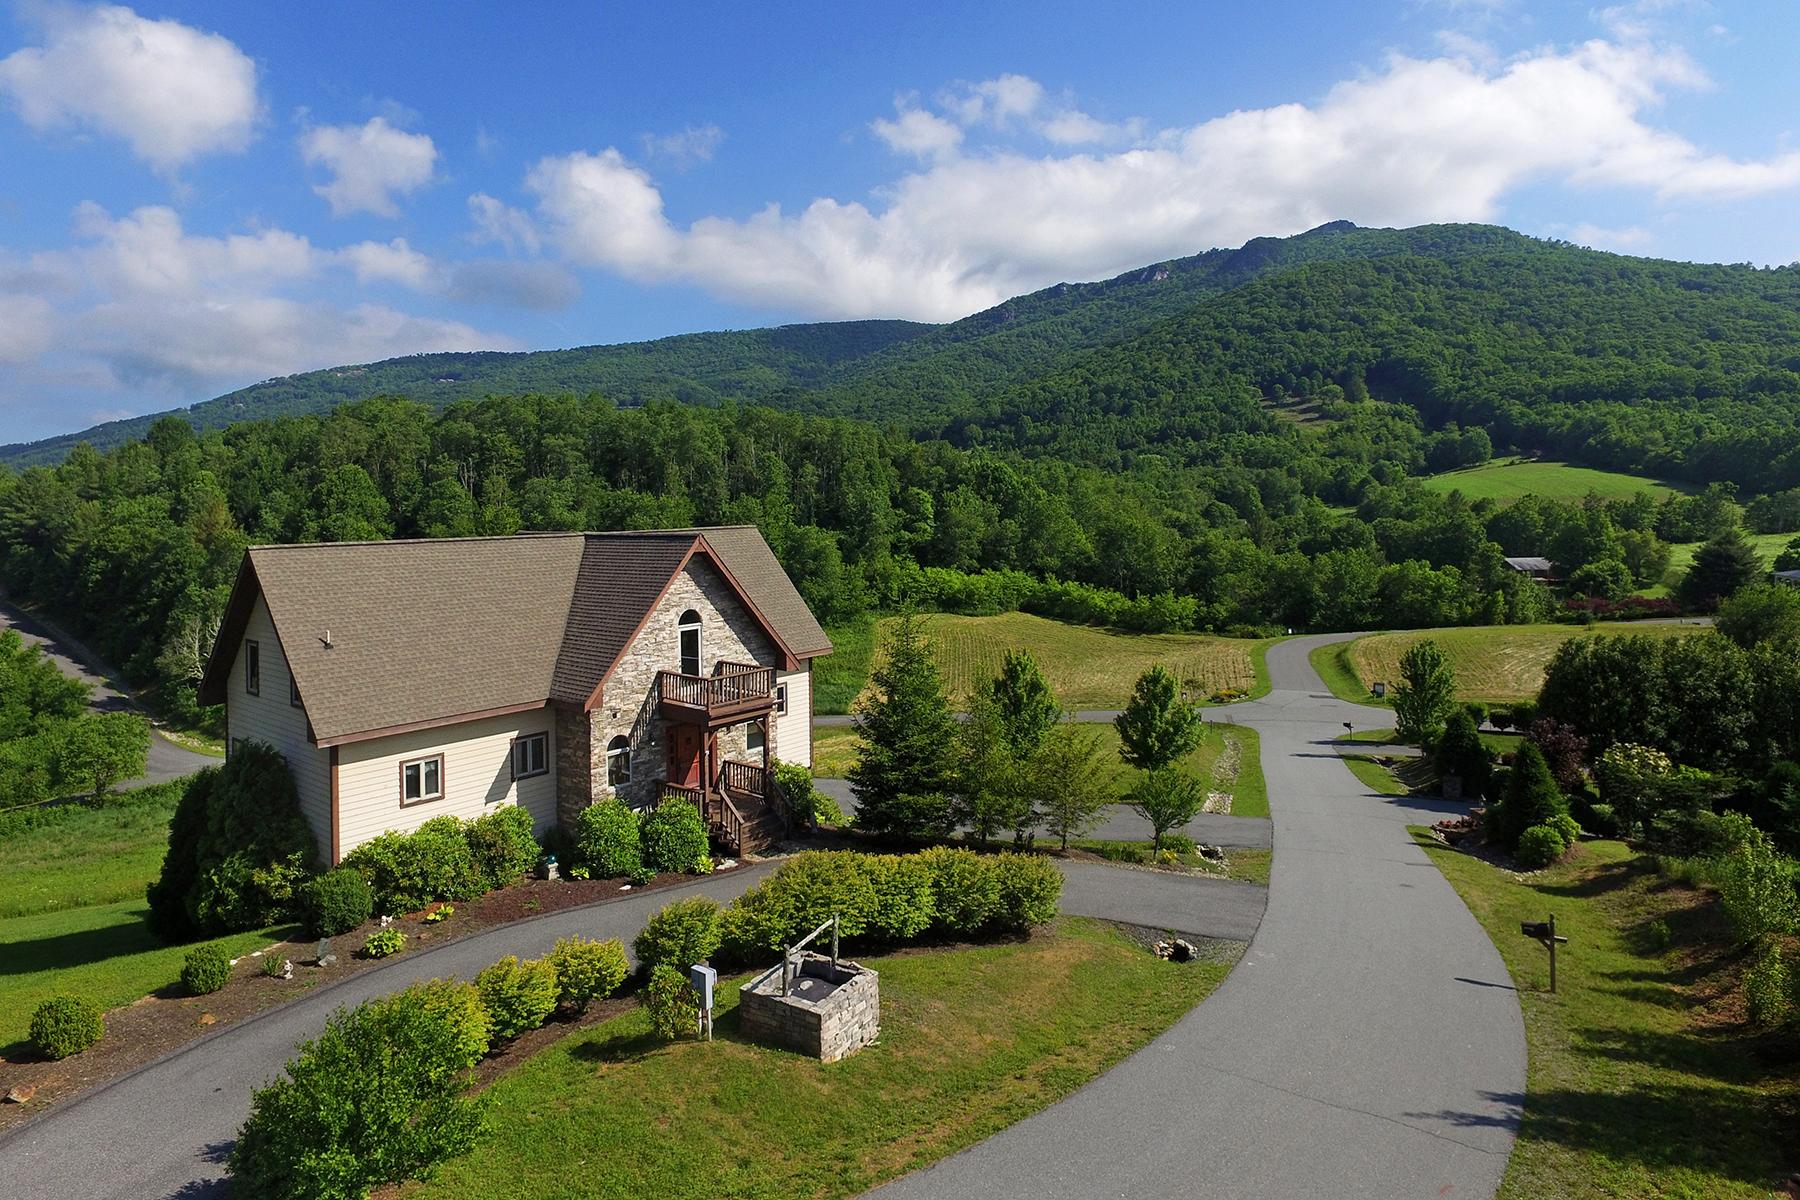 واحد منزل الأسرة للـ Sale في BANNER ELK - SILVER SPRINGS FARM 146 Snow Fox Ln, Banner Elk, North Carolina, 28604 United States